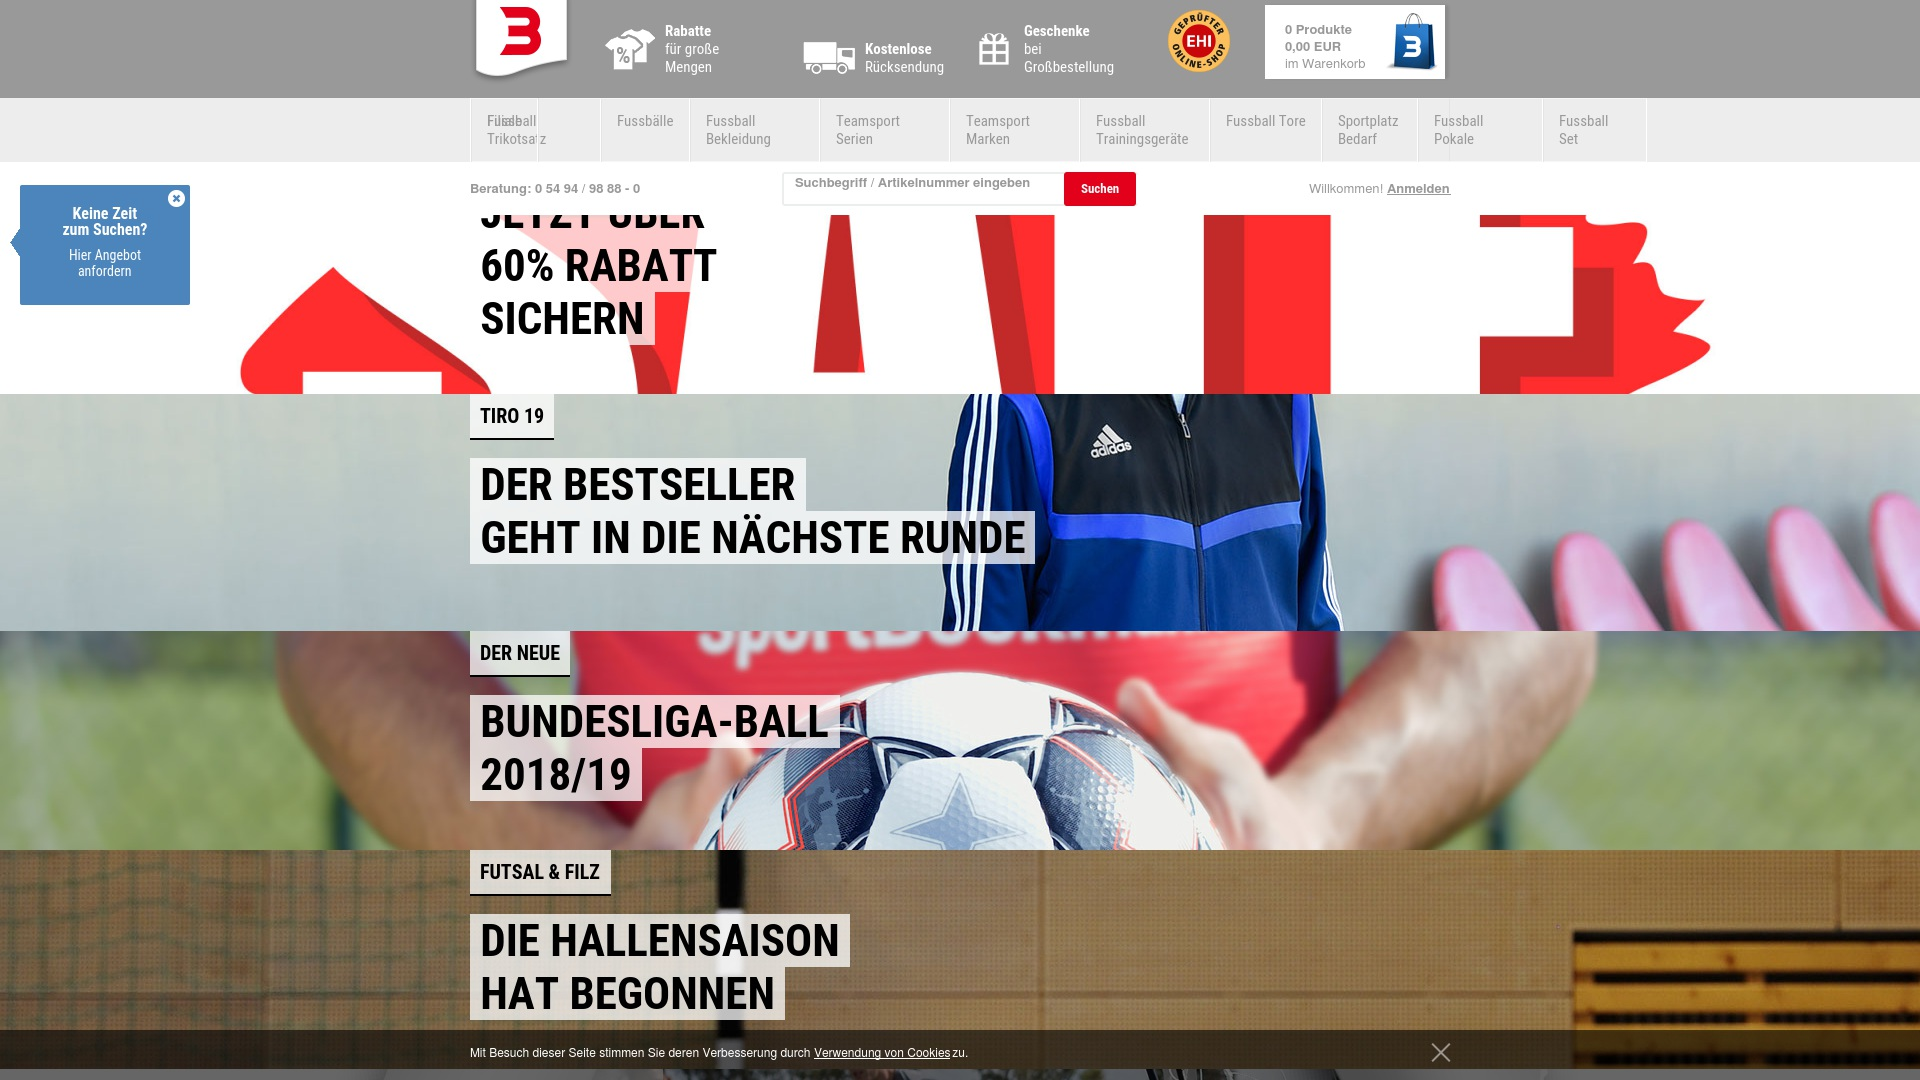 Gutschein für Sport-boeckmann: Rabatte für  Sport-boeckmann sichern